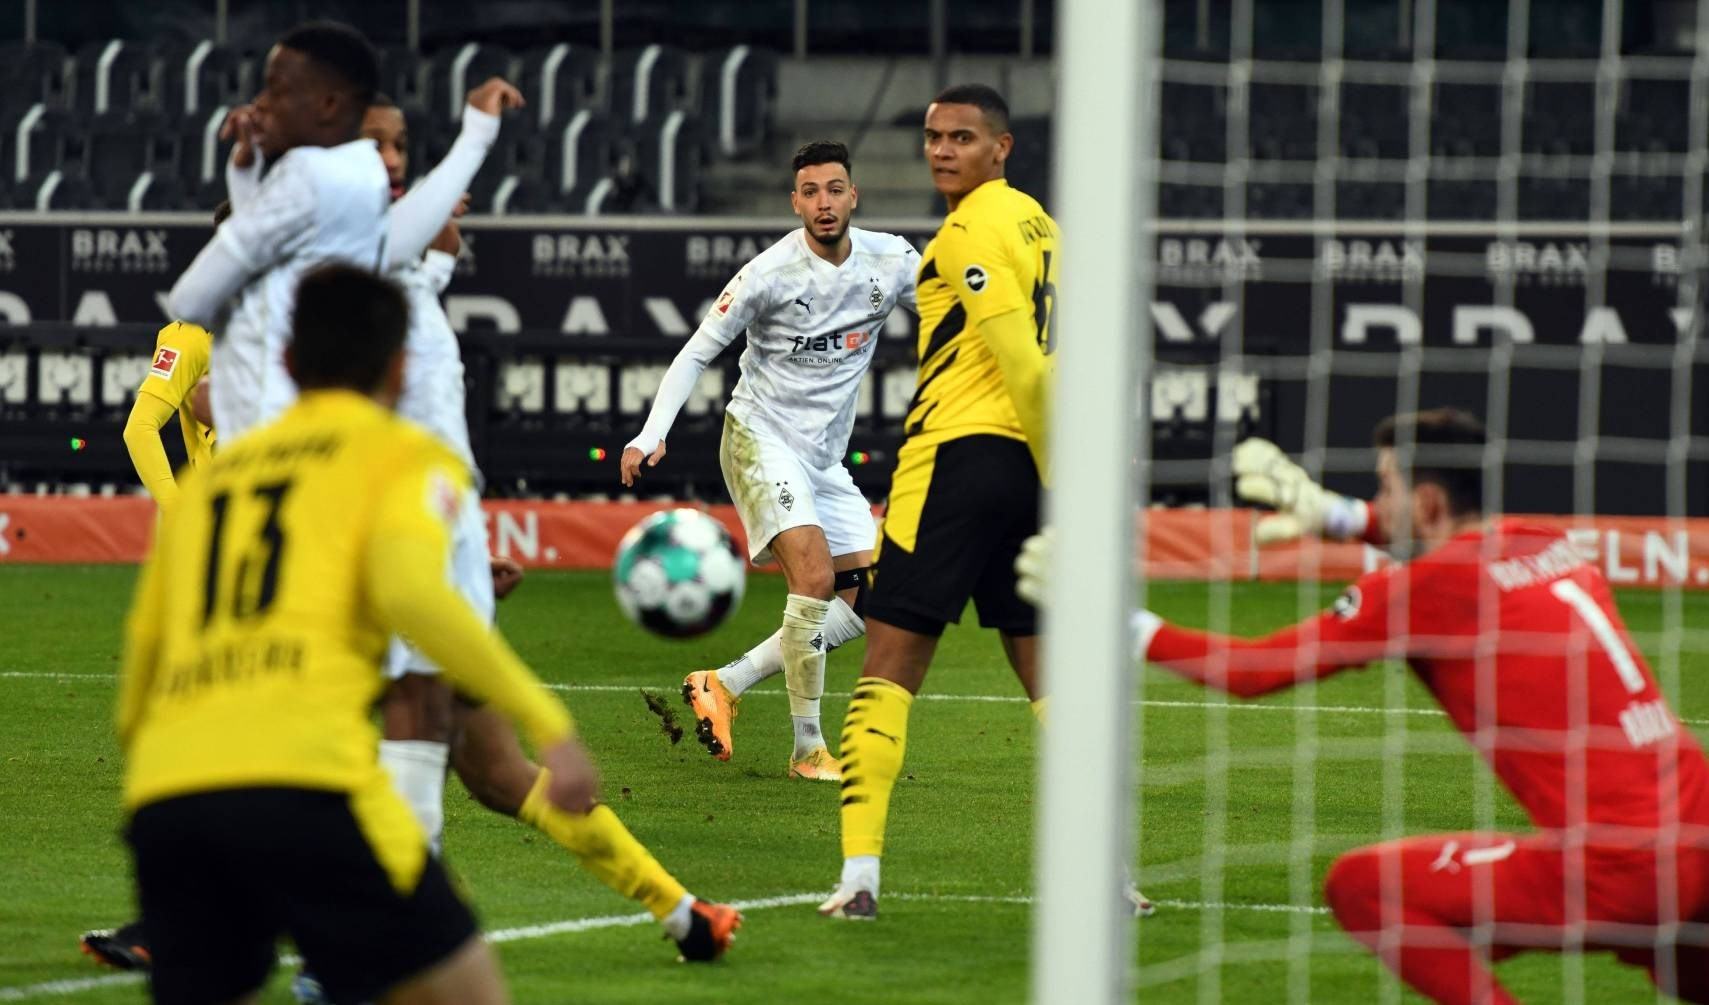 سجل رامي بن سبعيني الهدف الثالث